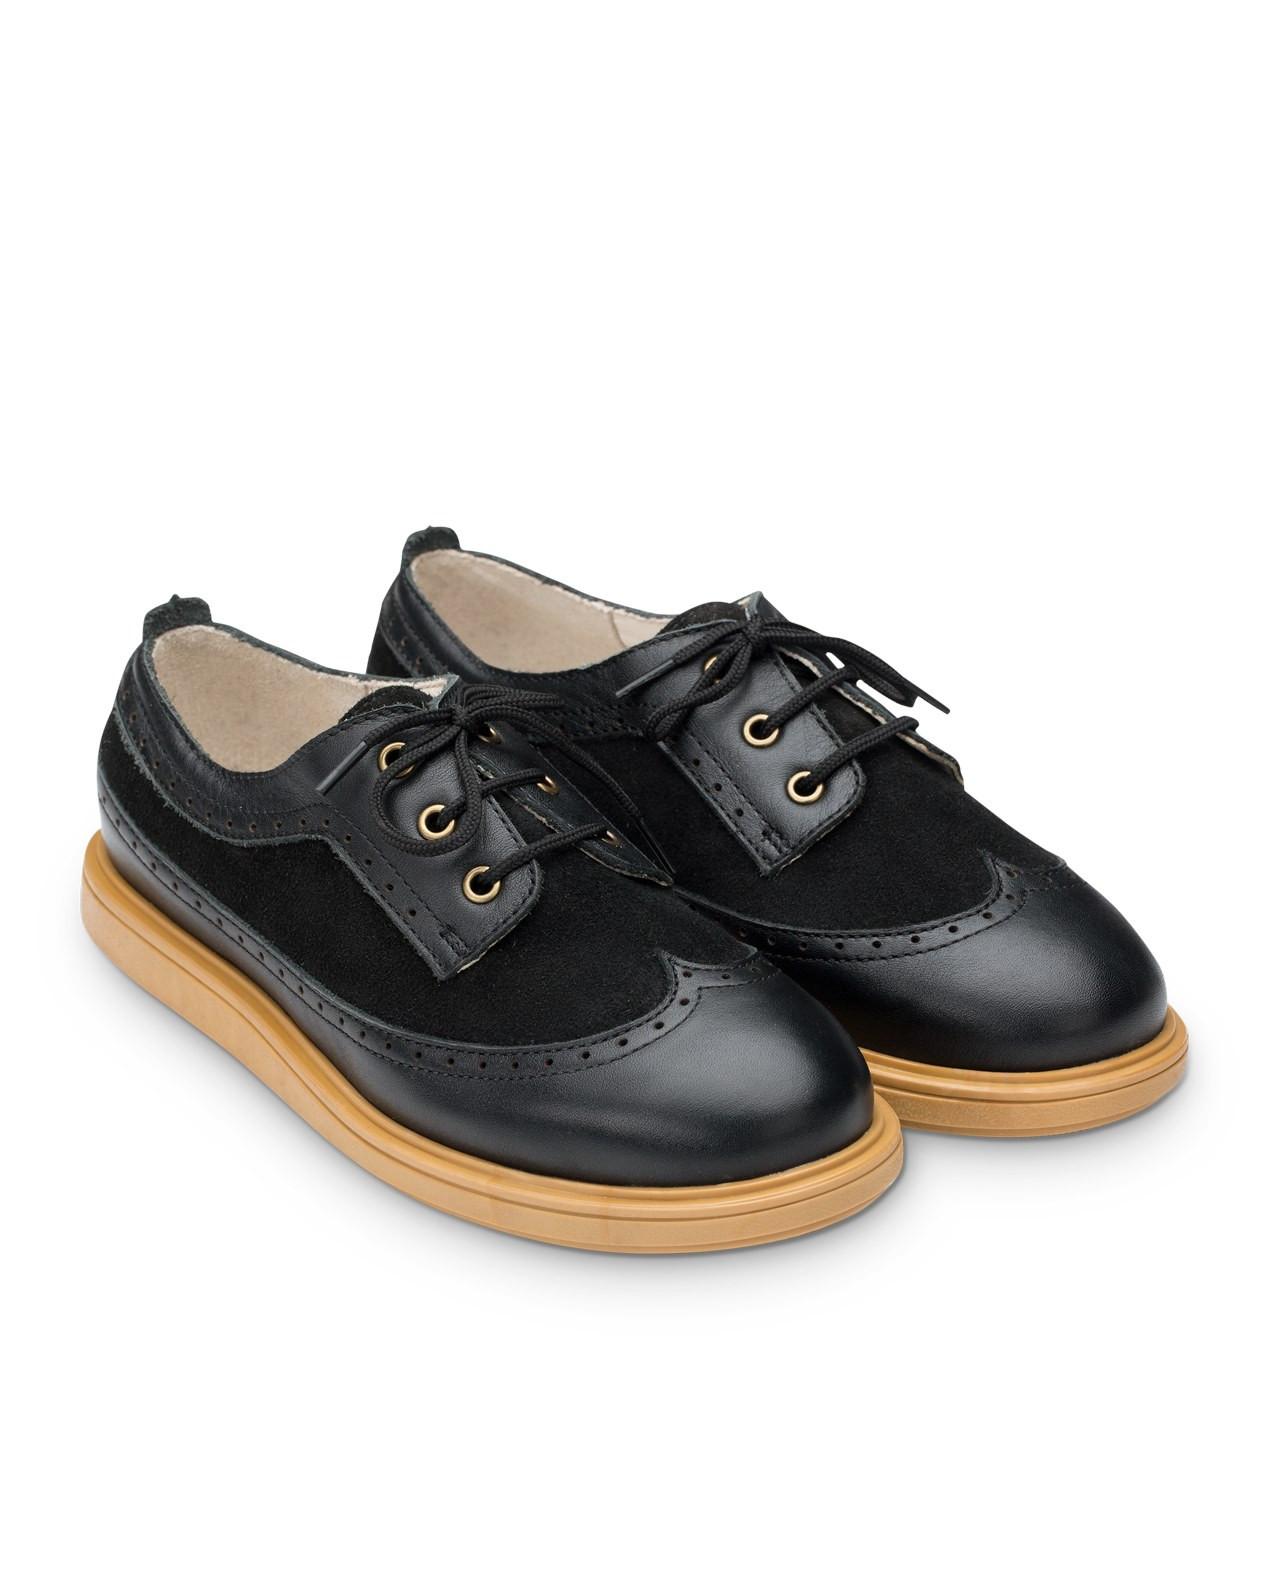 Полуботинки Детские, Tapiboo Степ (44458, 32 )Обувь для школы<br>Полуботинки. Многослойная, анатомическая <br>стелька со сводоподдерживающим элементом <br>для правильного формирования стопы. Благодаря <br>использованию современных внутренних материалов <br>позволяет оптимально распределить нагрузку <br>по всей площади стопы и свести к минимуму <br>ее ударную составляющую. Жесткий фиксирующий <br>задник надежно стабилизирует голеностопный <br>сустав во время ходьбы. Упругая, умеренно-эластичная <br>подошва, имеющая перекат позволяющий повторить <br>естественное движение стопы при ходьбе <br>для правильного распределения нагрузки <br>на опорно-двигательный аппарат ребенка. <br>Подкладка из натуральной кожи обладает <br>мягкостью и природной способностью пропускать <br>воздух для создания оптимального температурного <br>режима (нога не потеет).<br>Размер INT: M; Цвет: Красный; Ширина: 100; Высота: 200; Вес: 1000;